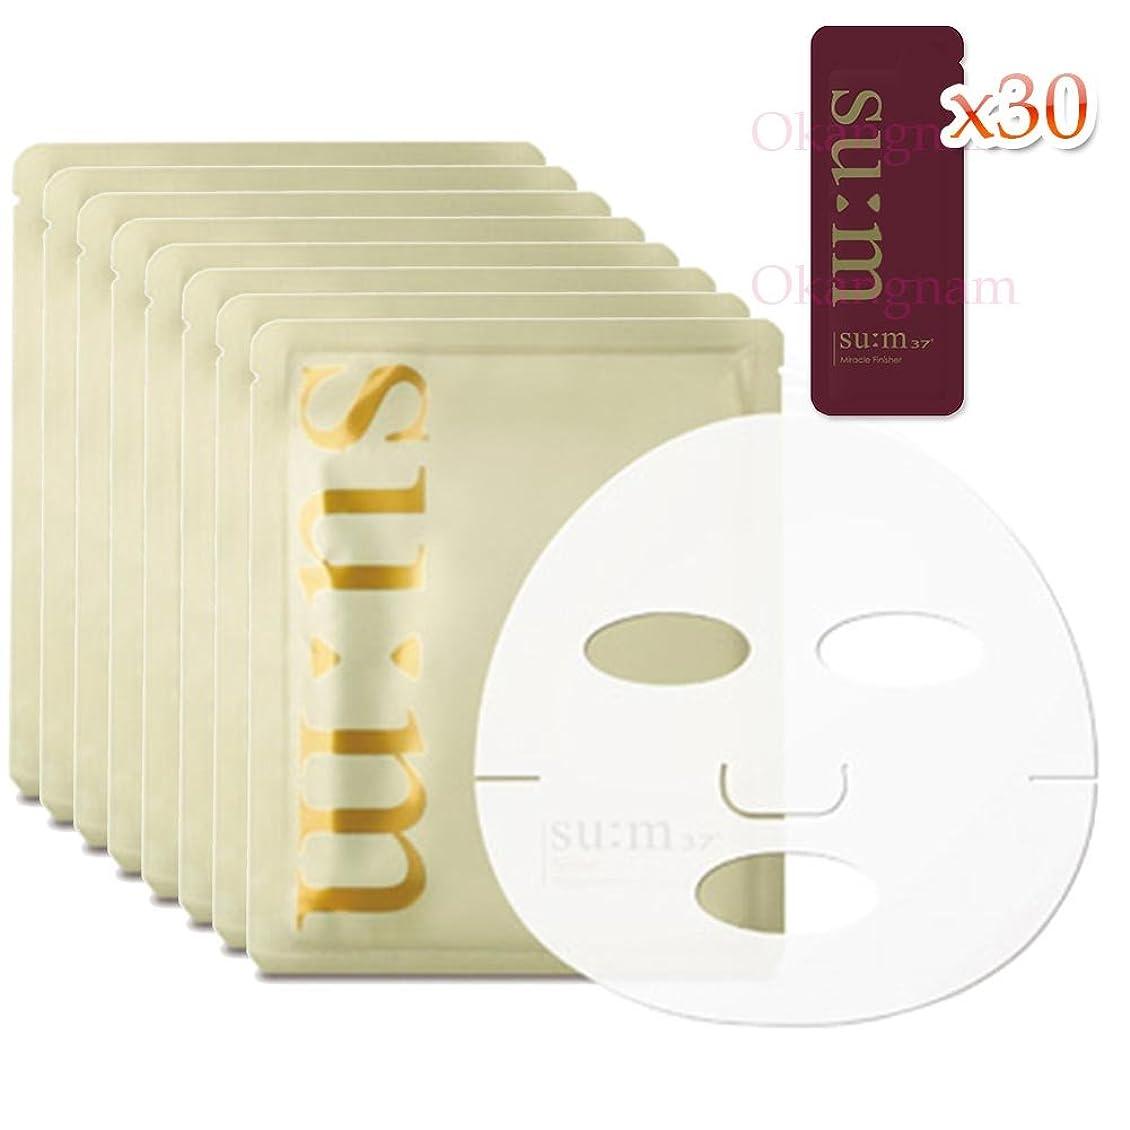 刃精神的にフリッパー[su:m37/スム37°] SUM37 Secret Programming Mask 27g×8ea /SC08 sum37 シークレット プログラミング マスク +[Sample Gift](海外直送品)